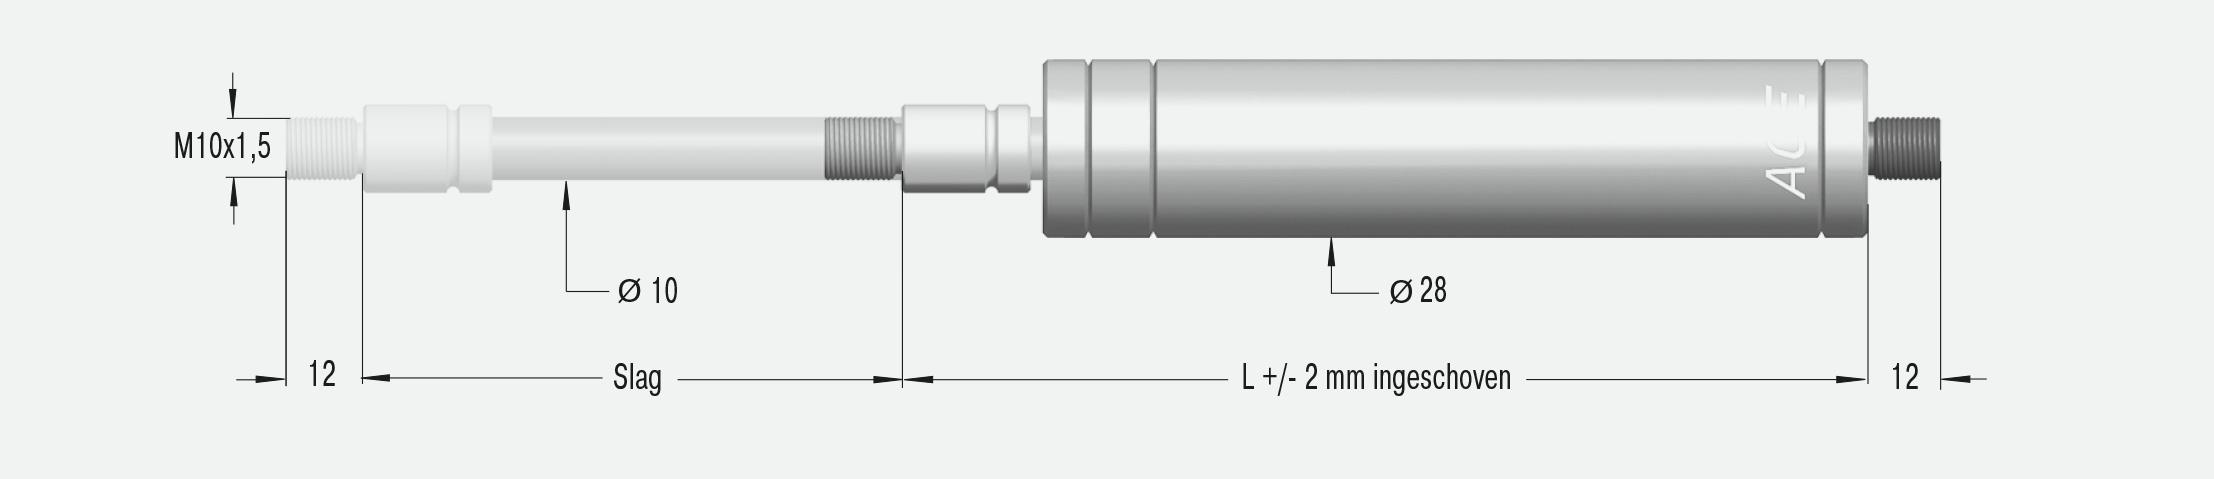 GZ-28-550-VA